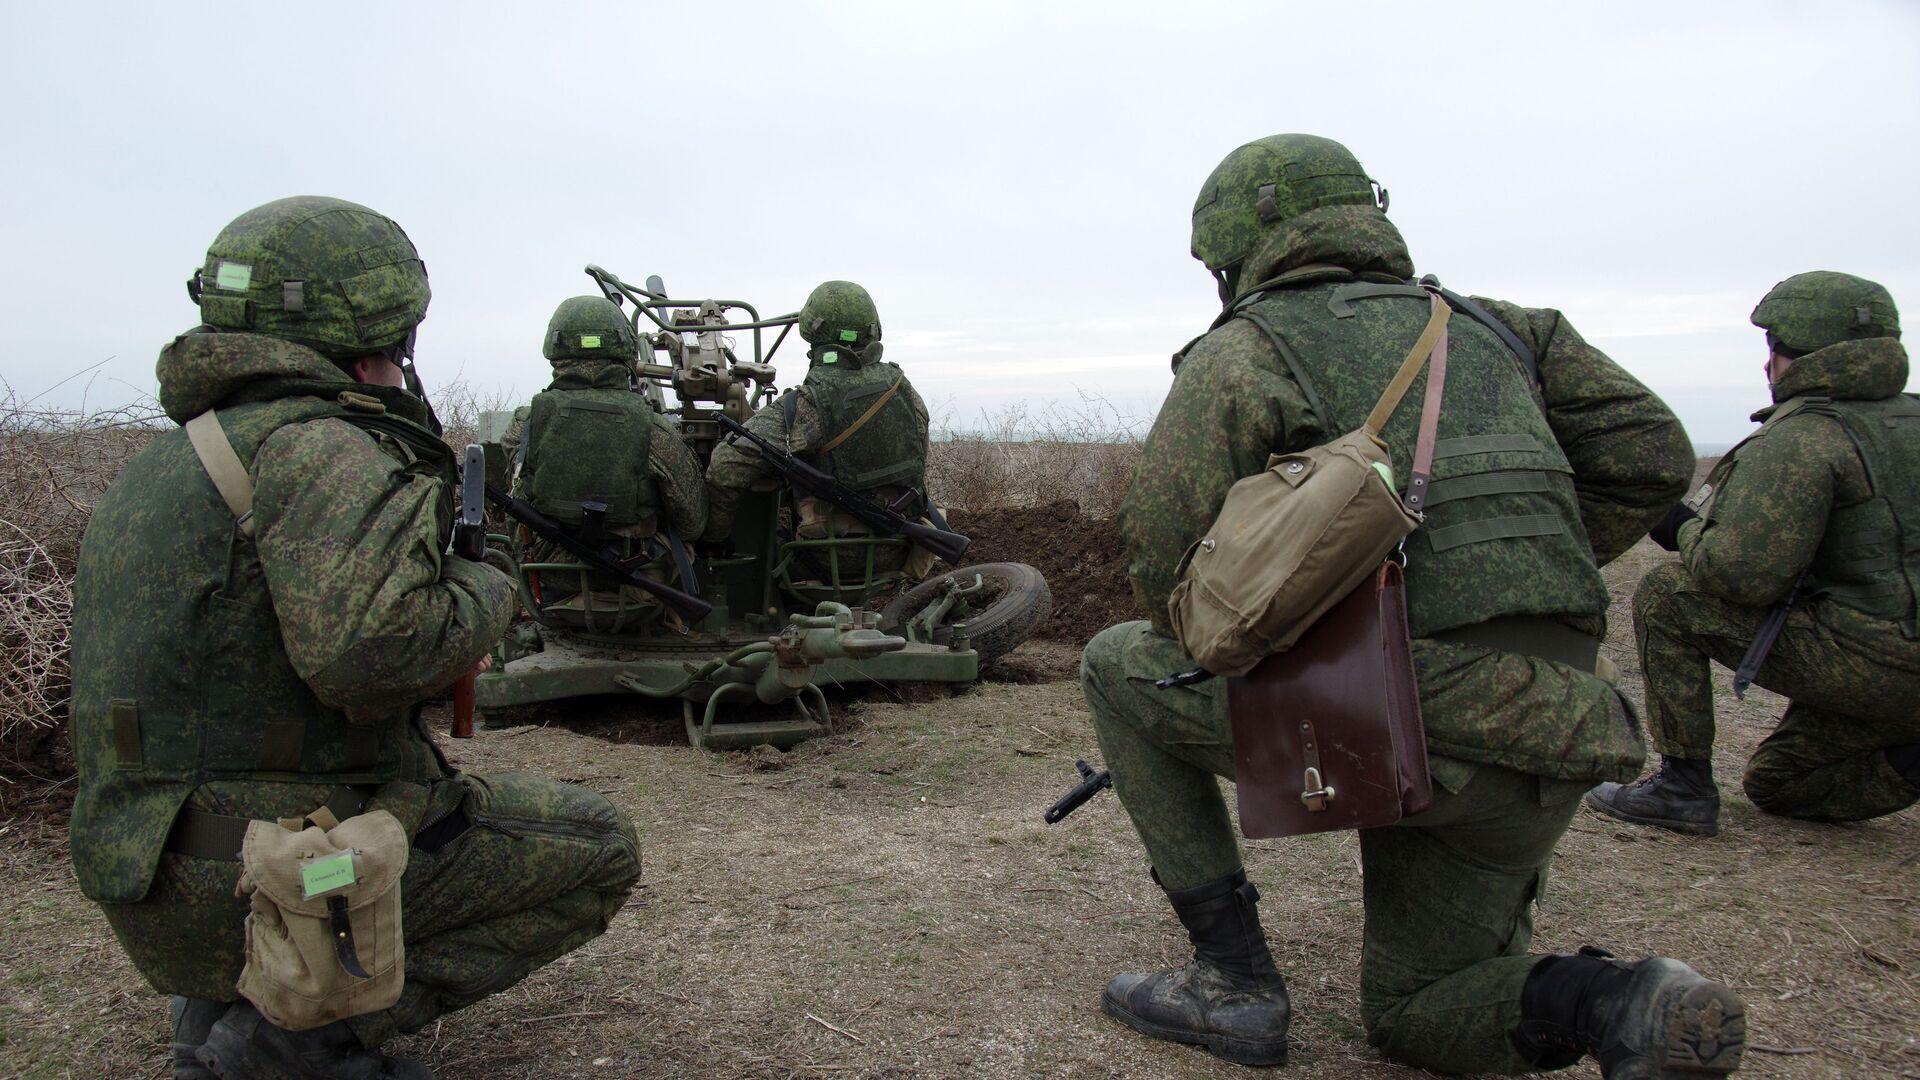 Военнослужащие ПВО РФ у зенитной артиллерийской установки - Sputnik Латвия, 1920, 01.06.2021